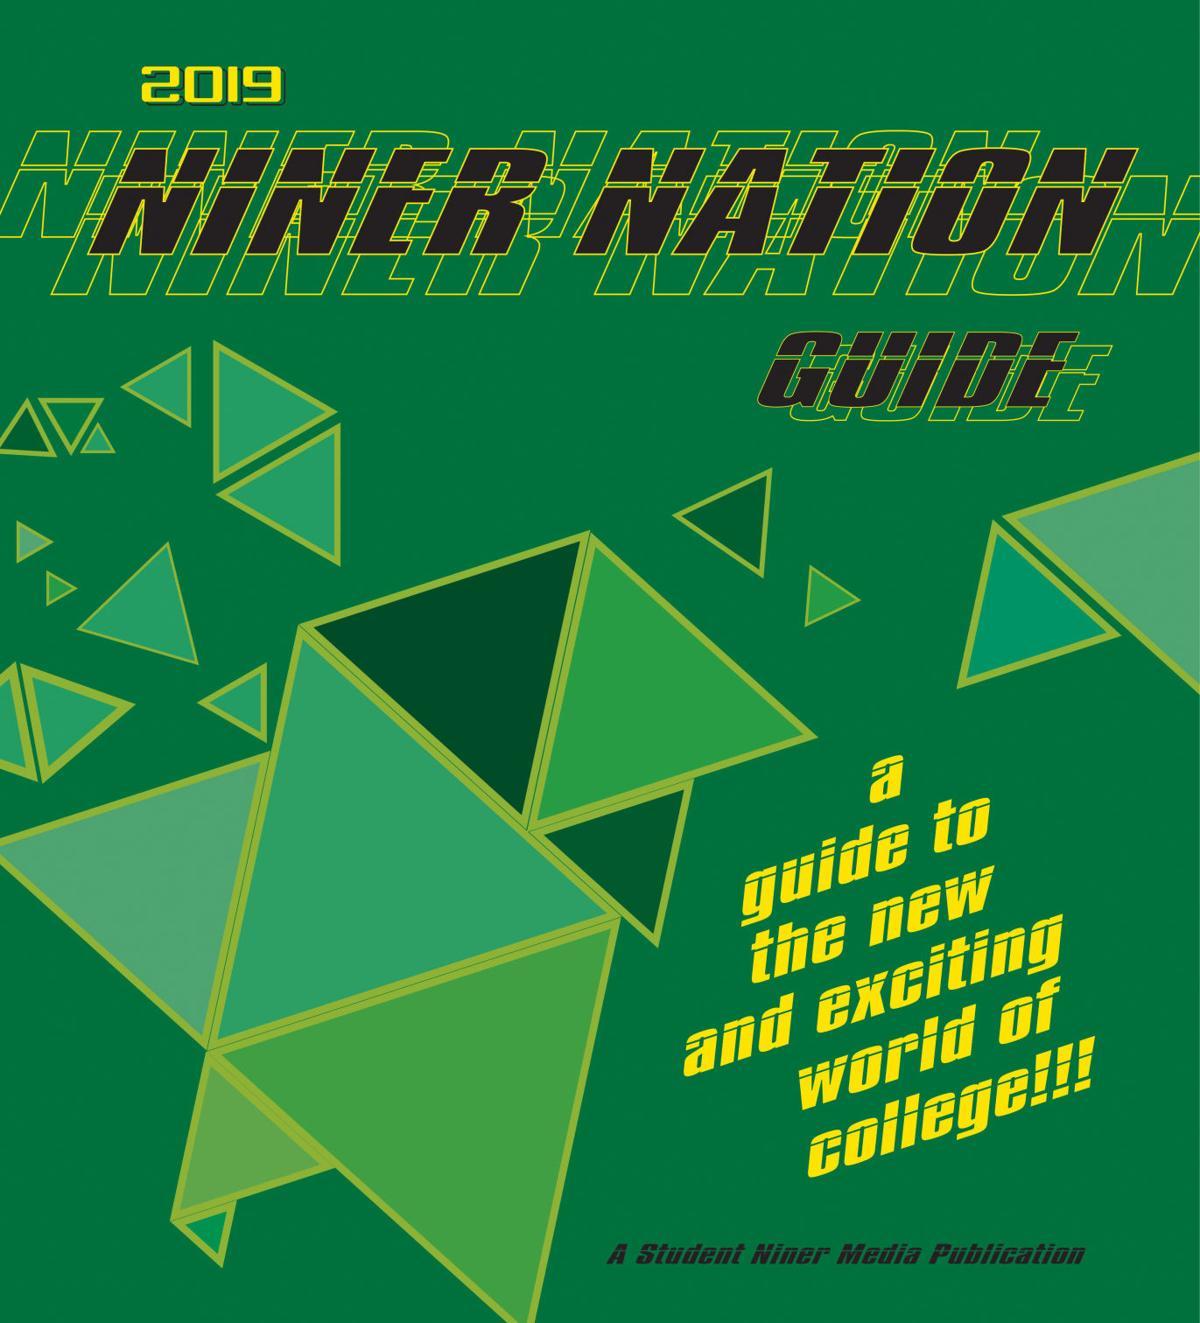 Student-Niner-Nation-Cover-2019-Final-01-4